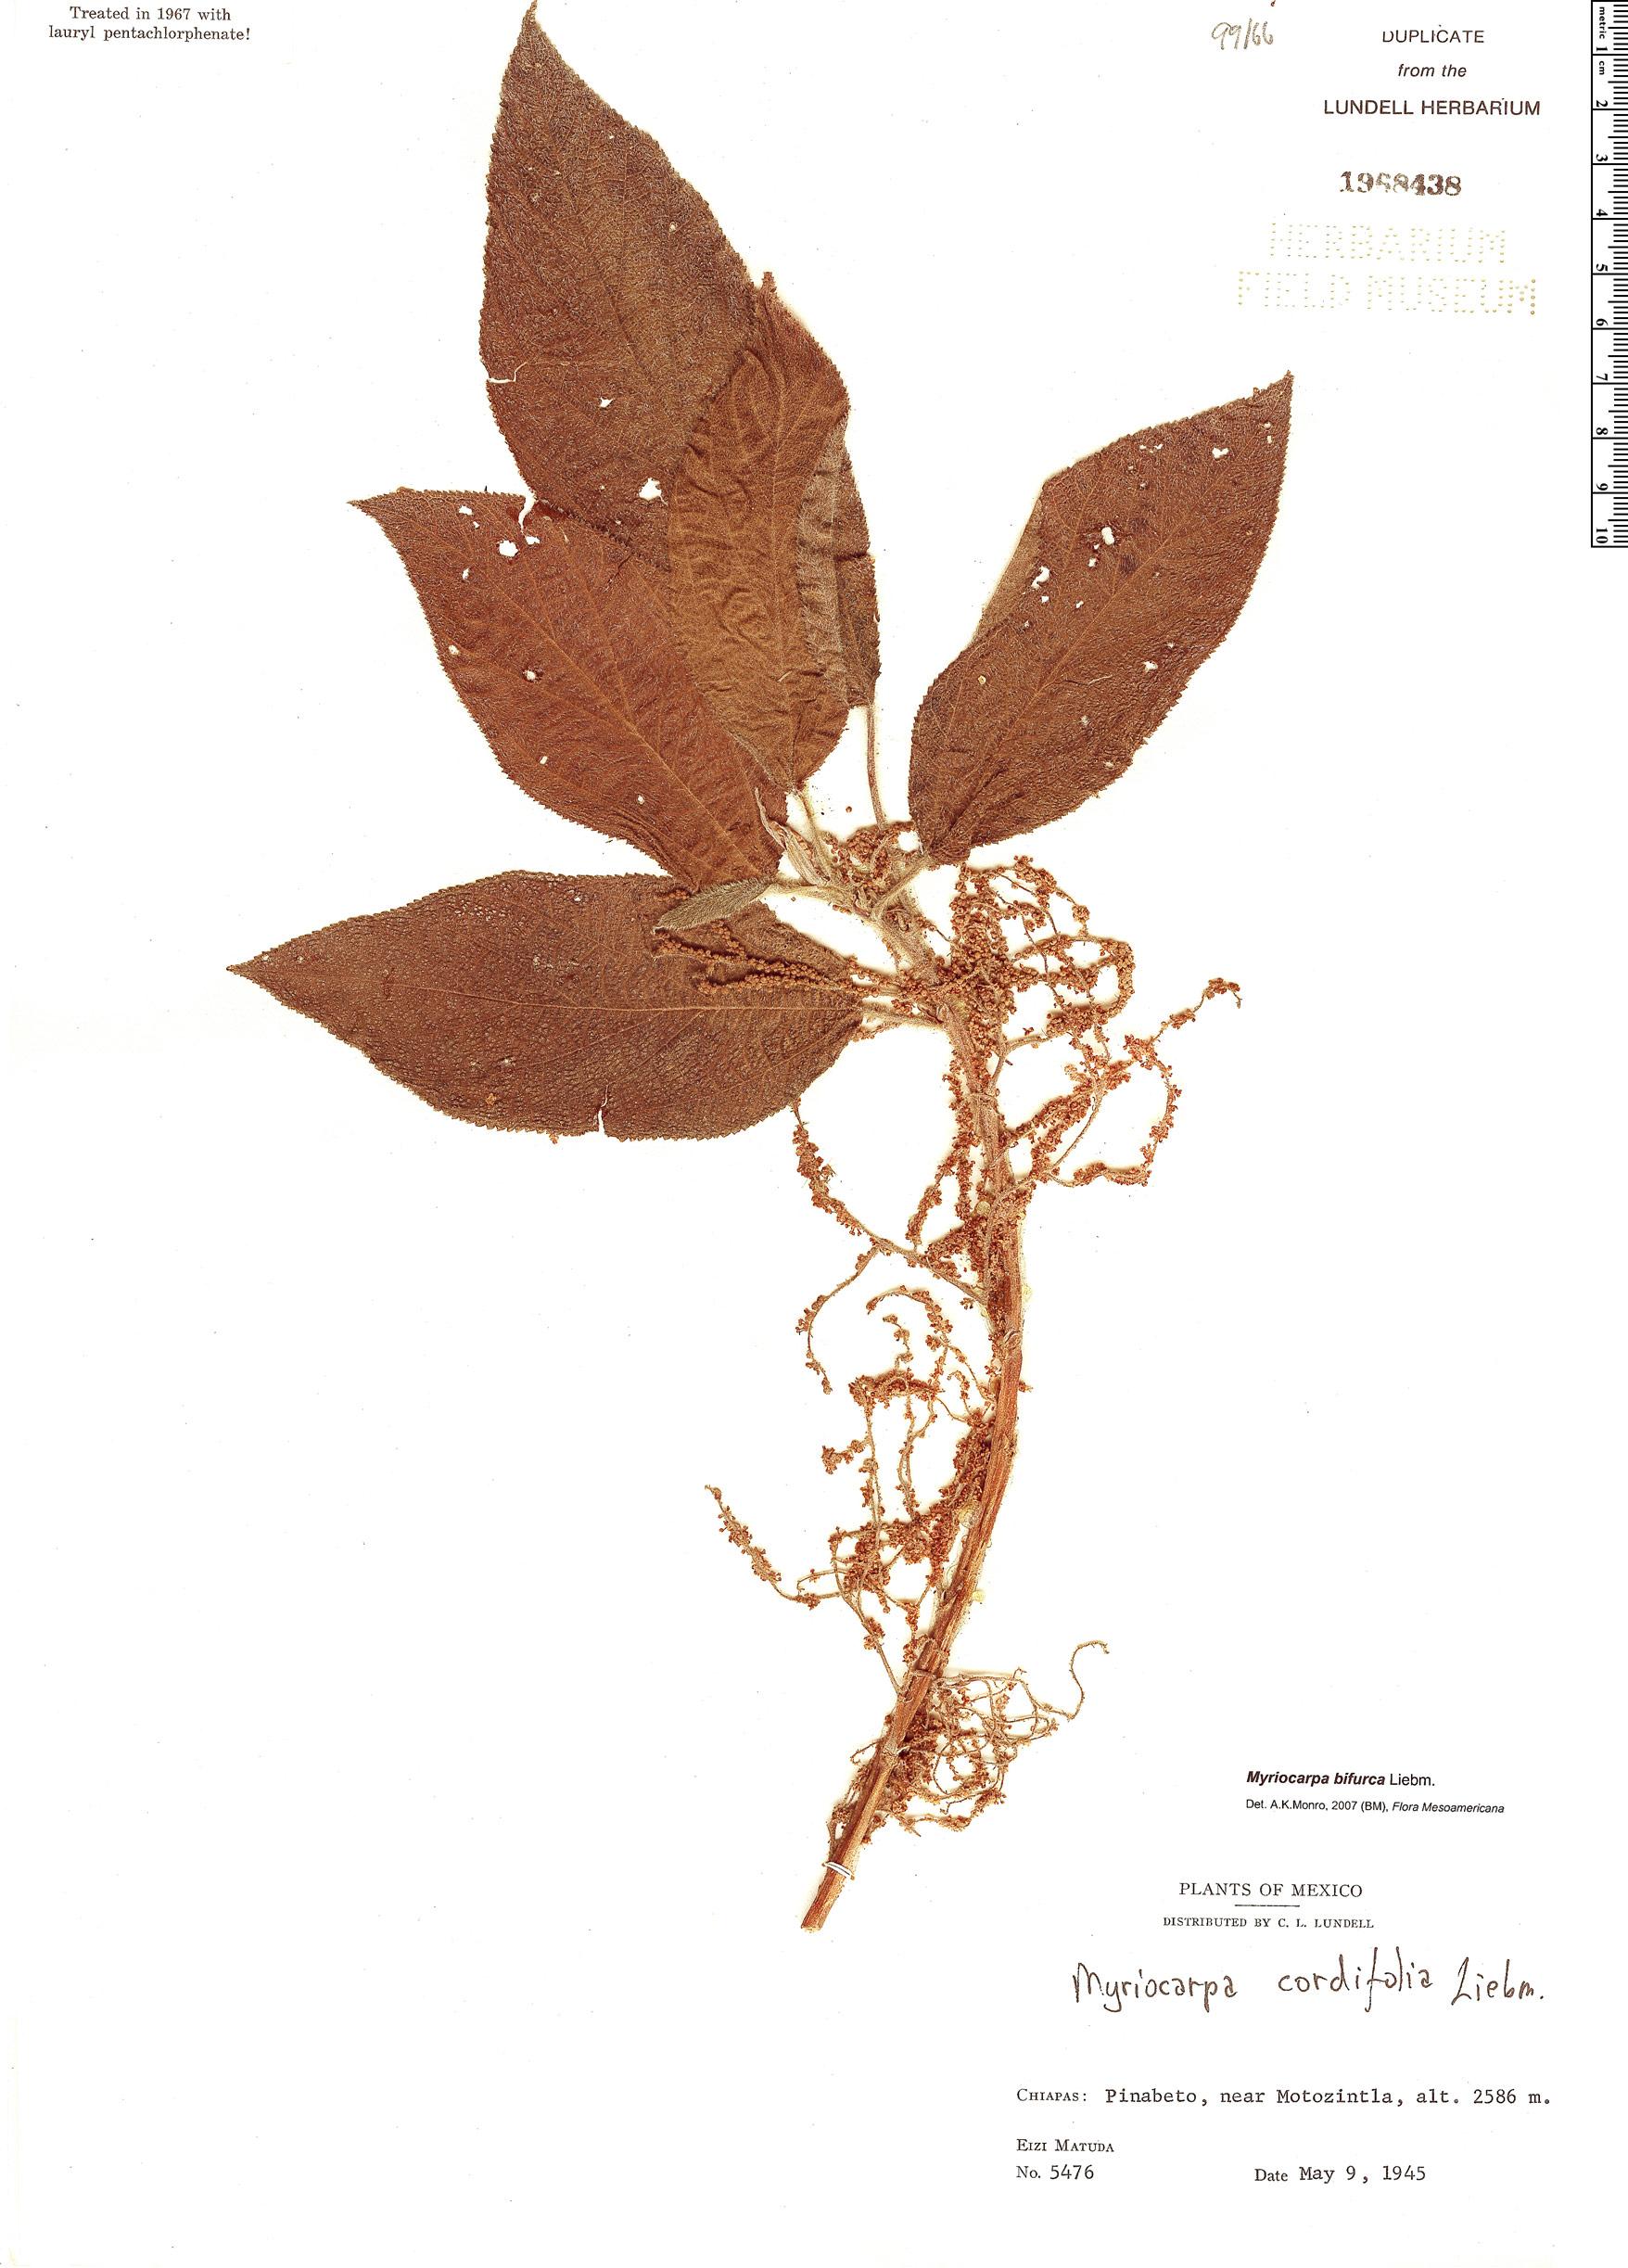 Specimen: Myriocarpa bifurca